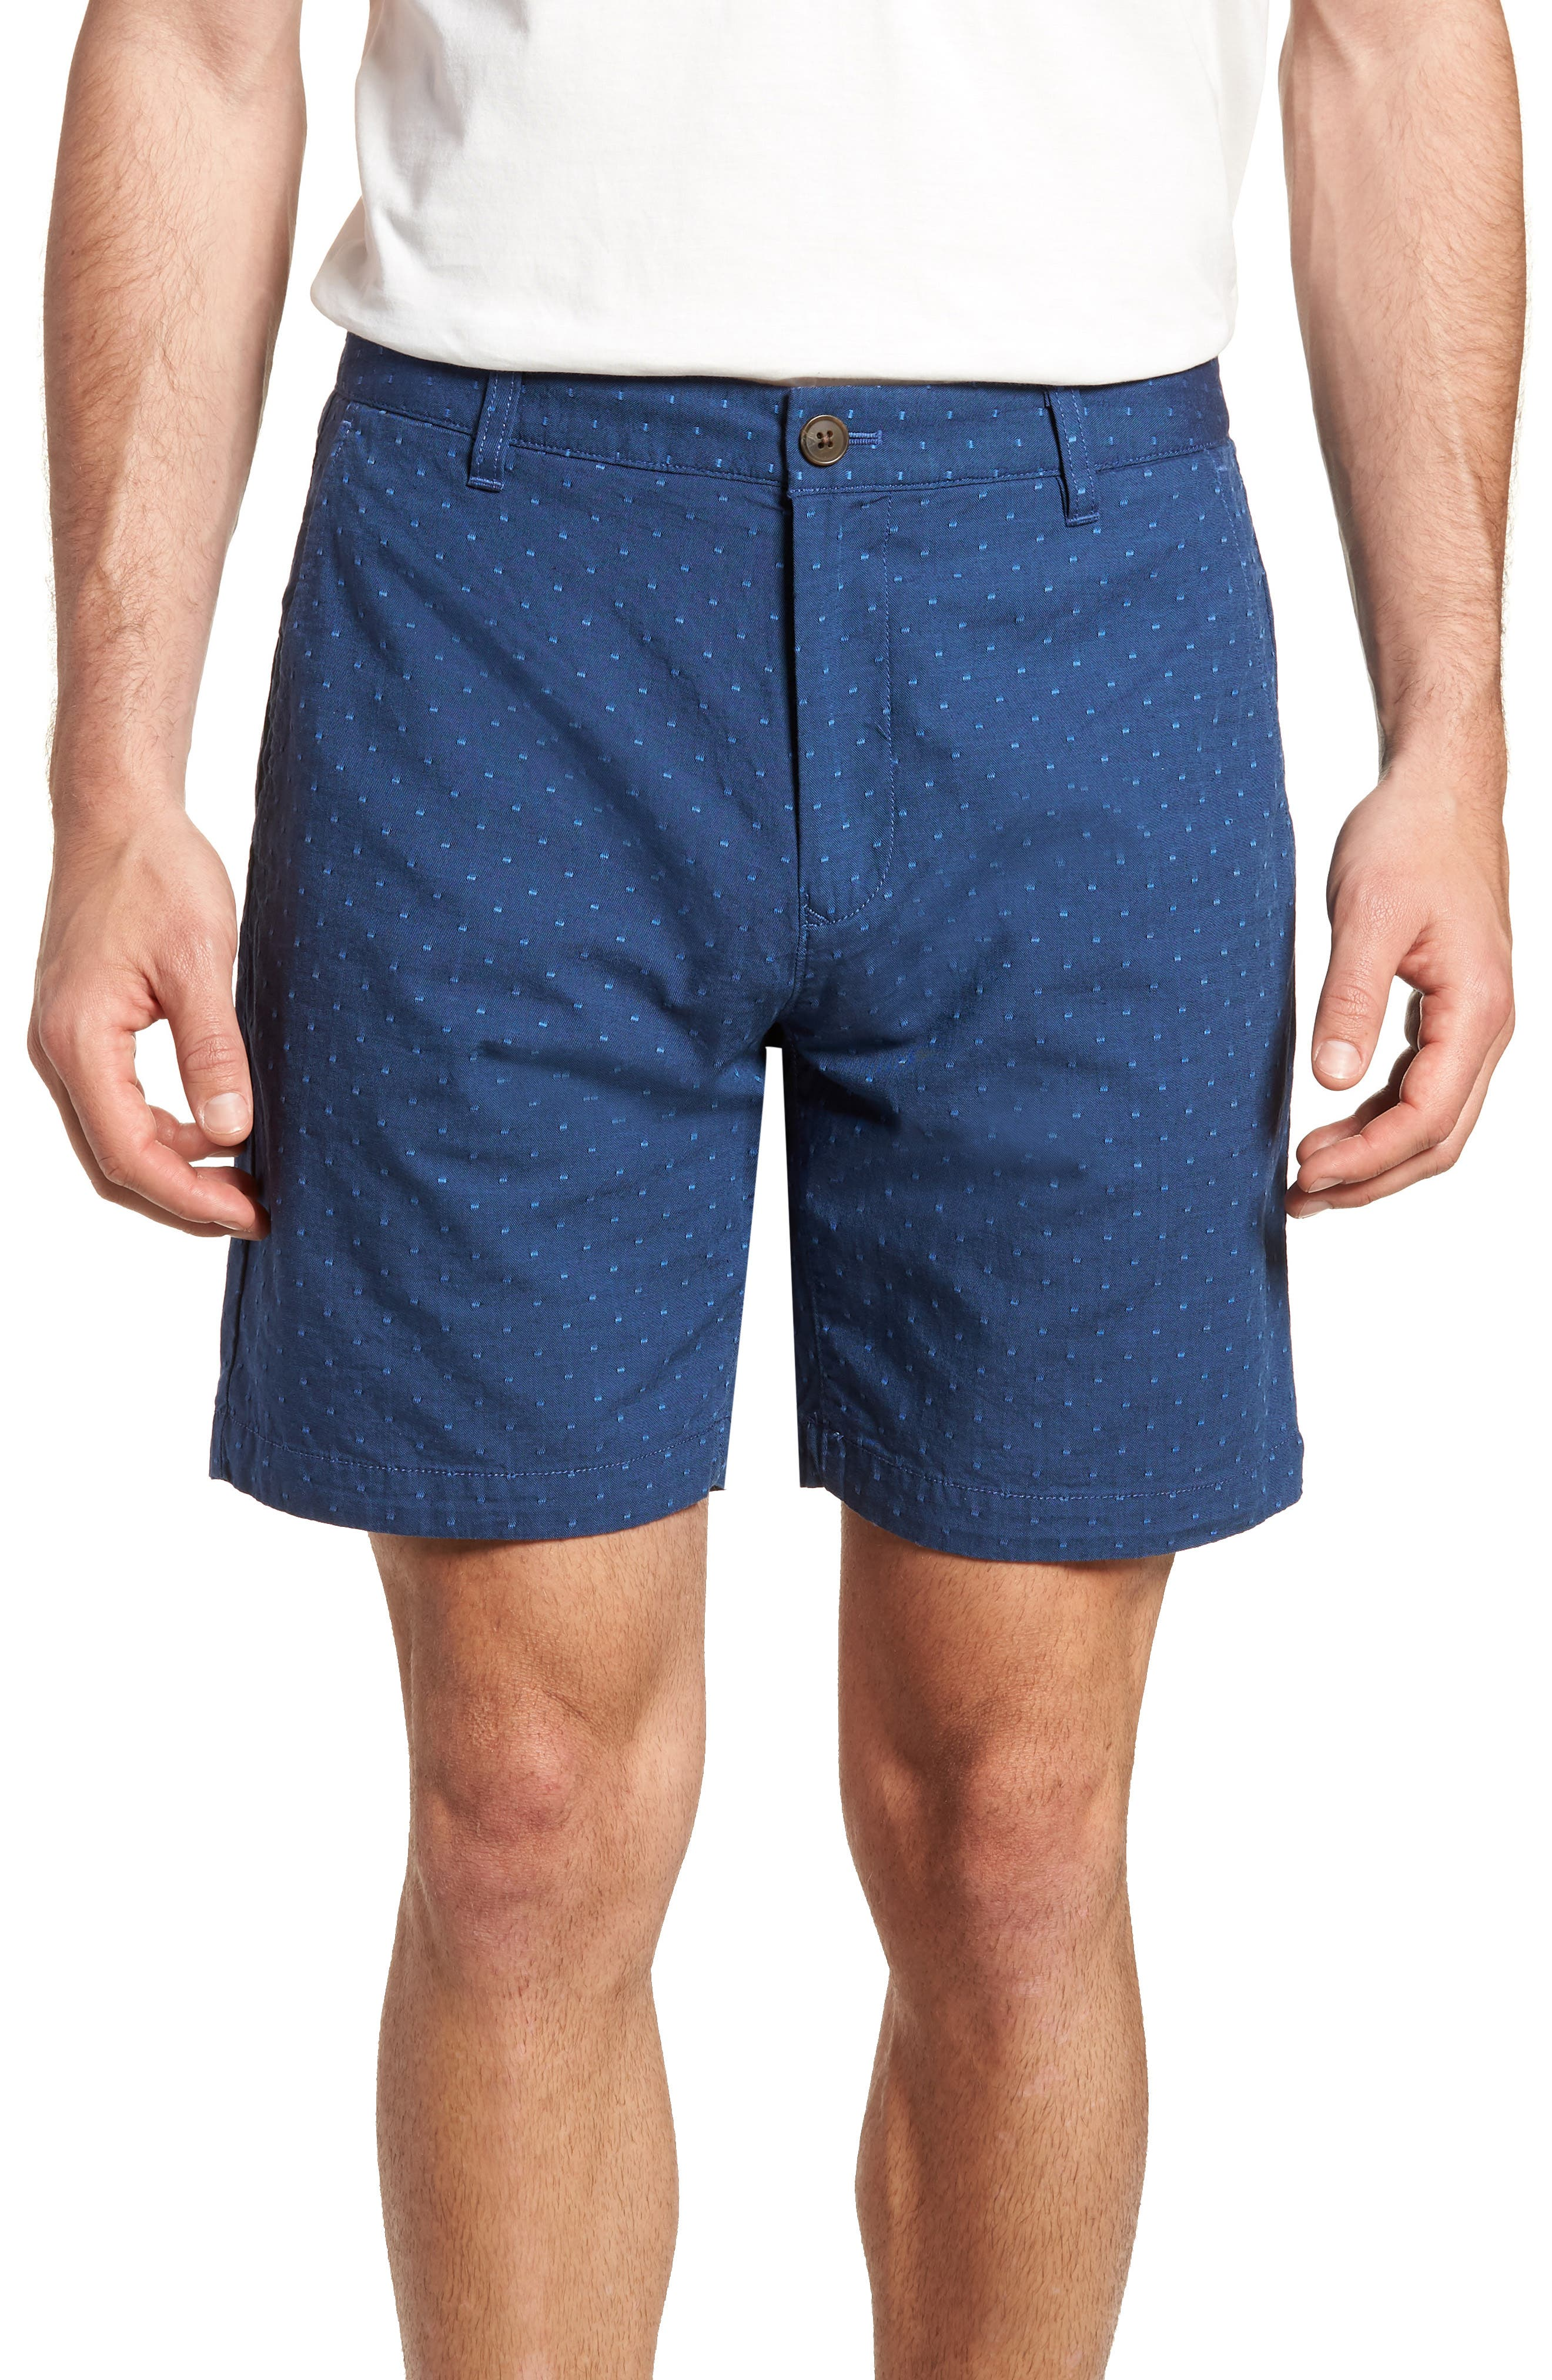 Novelty Chino Shorts,                         Main,                         color, Blue Dot Jacquard